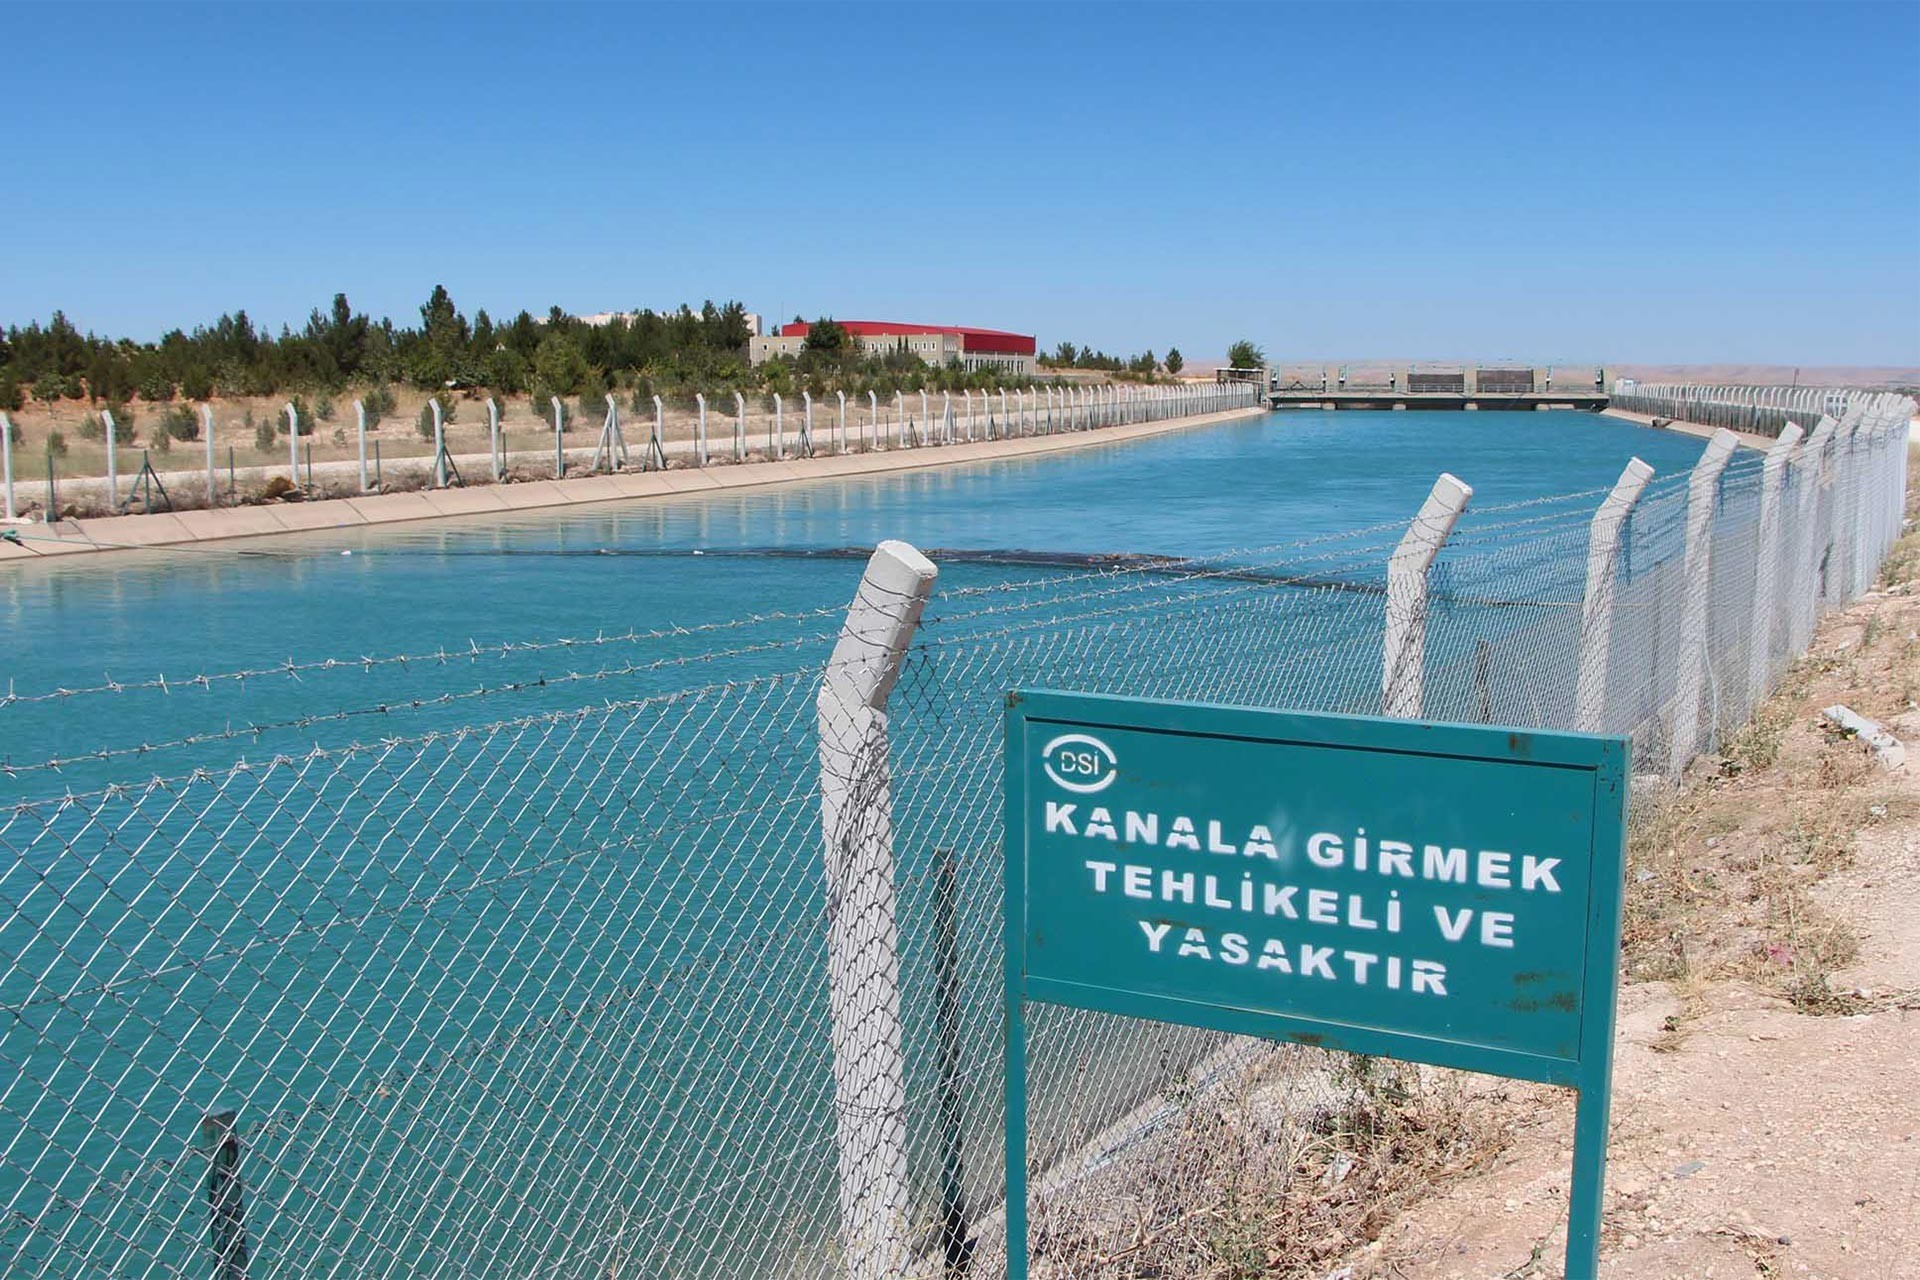 Diyarbakır'da sulama kanalına giren iki çocuk boğuldu